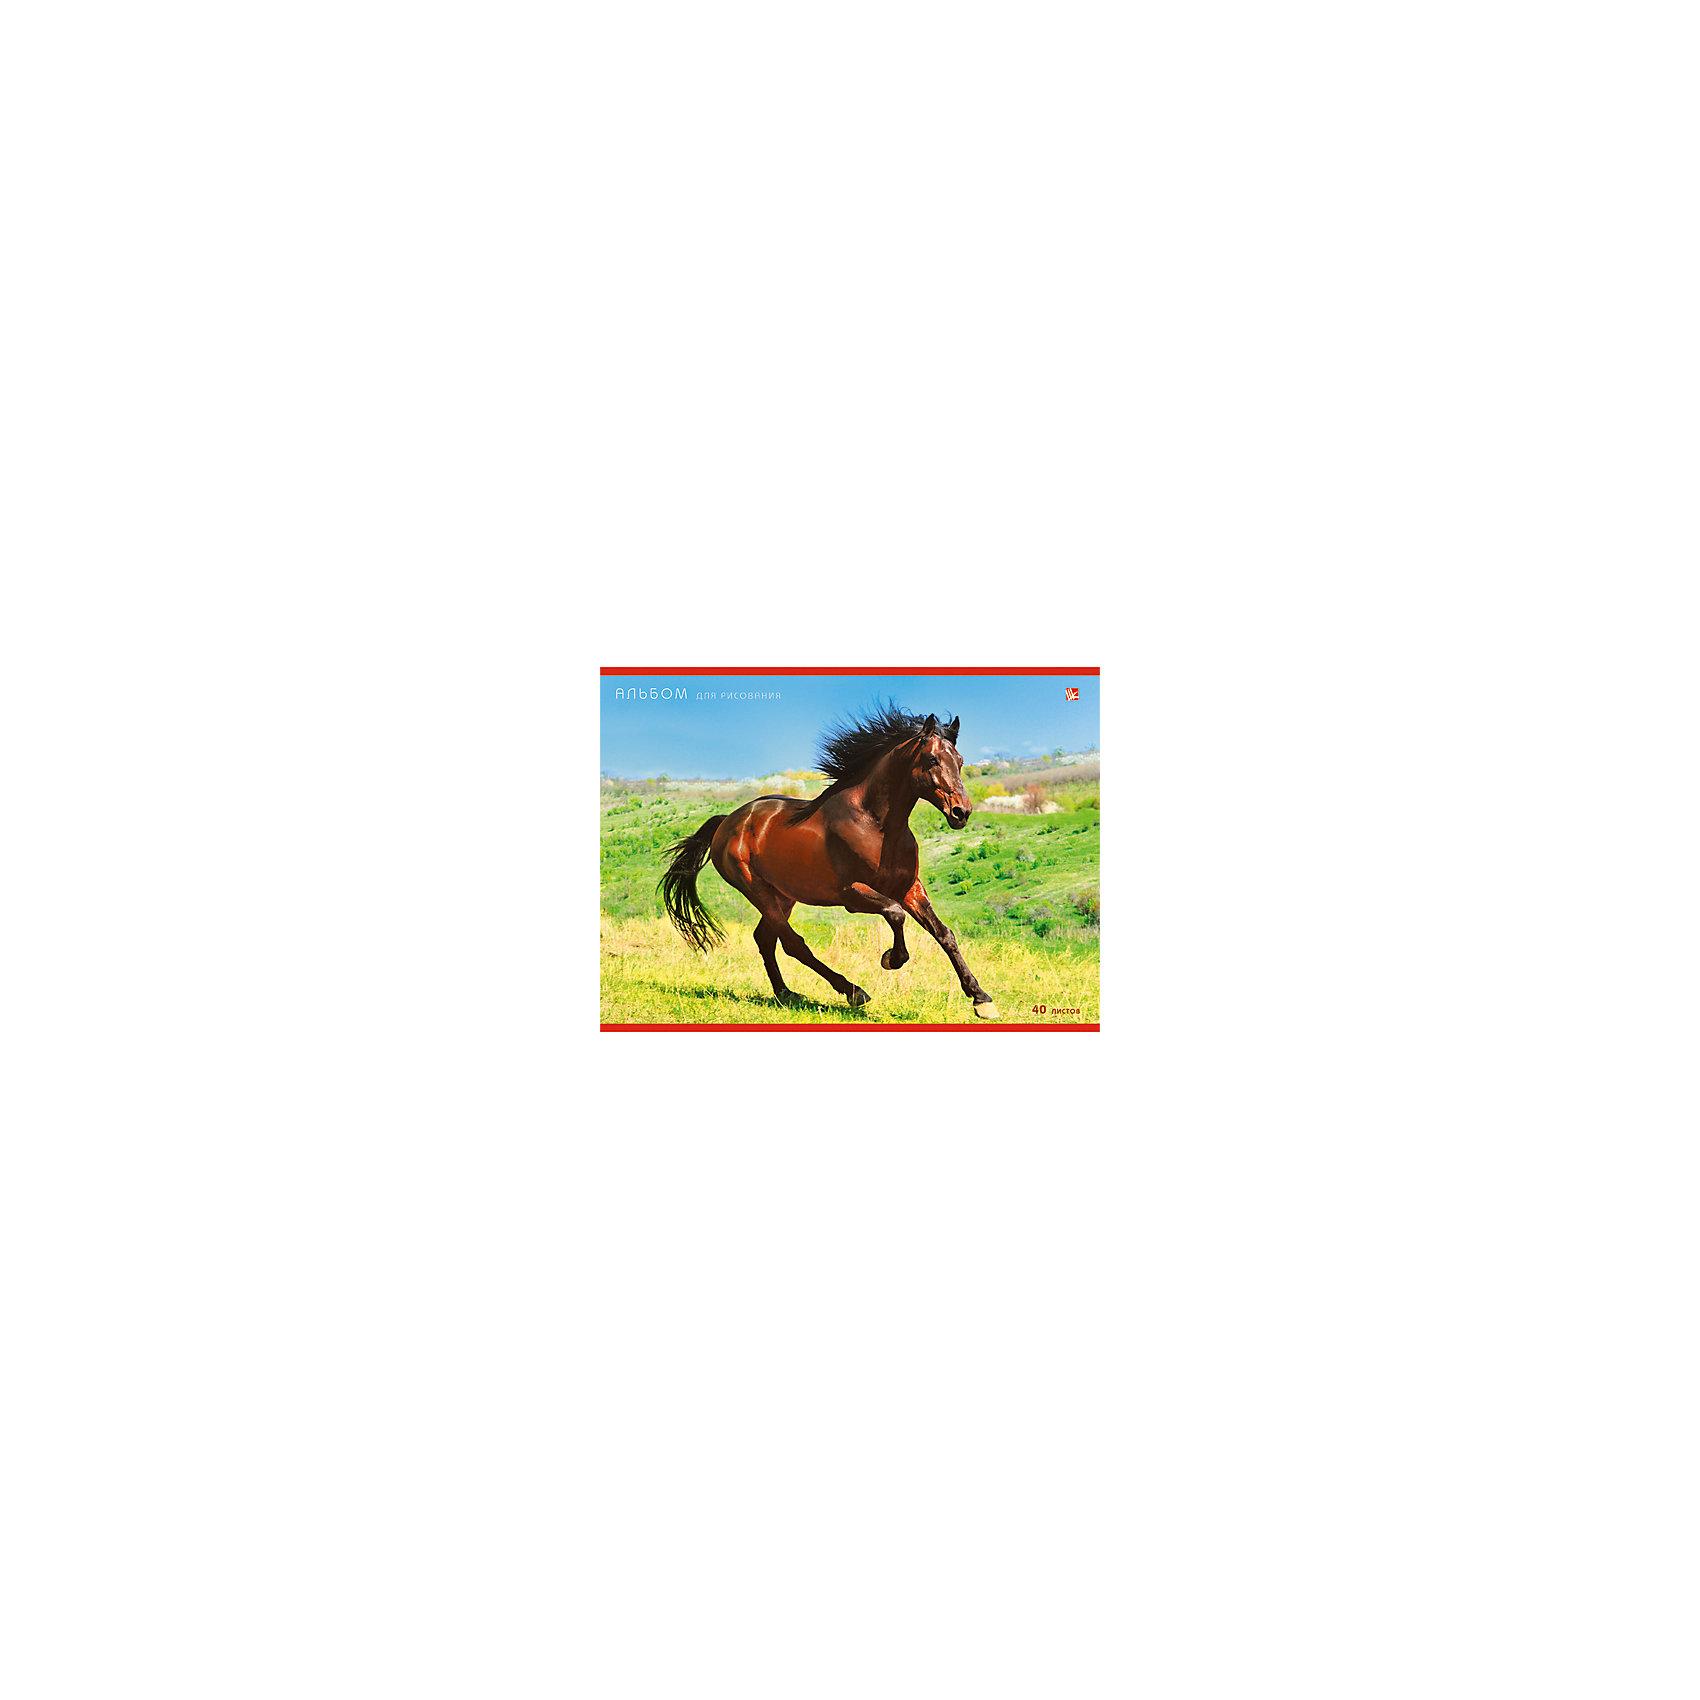 Альбом для рисования Благородный конь, 20лБумажная продукция<br>Альбом для рисования Благородный конь  - незаменимый помощник начинающим художникам. Удобное крепление и плотные страницы превратят процесс рисования в увлекательное и интересное занятие. Художественное творчество развивает внимание, усидчивость и воображение.<br><br>Дополнительная информация:<br>Внутренний блок: офсет 110 г/м2<br>Обложка: мелованный картон.<br>Количество листов: 20<br>Формат: А4<br>Крепление: склейка<br>Альбом для рисования Благородный конь вы можете приобрести в нашем интернет-магазине.<br><br>Ширина мм: 210<br>Глубина мм: 297<br>Высота мм: 8<br>Вес г: 147<br>Возраст от месяцев: 72<br>Возраст до месяцев: 144<br>Пол: Унисекс<br>Возраст: Детский<br>SKU: 4942429